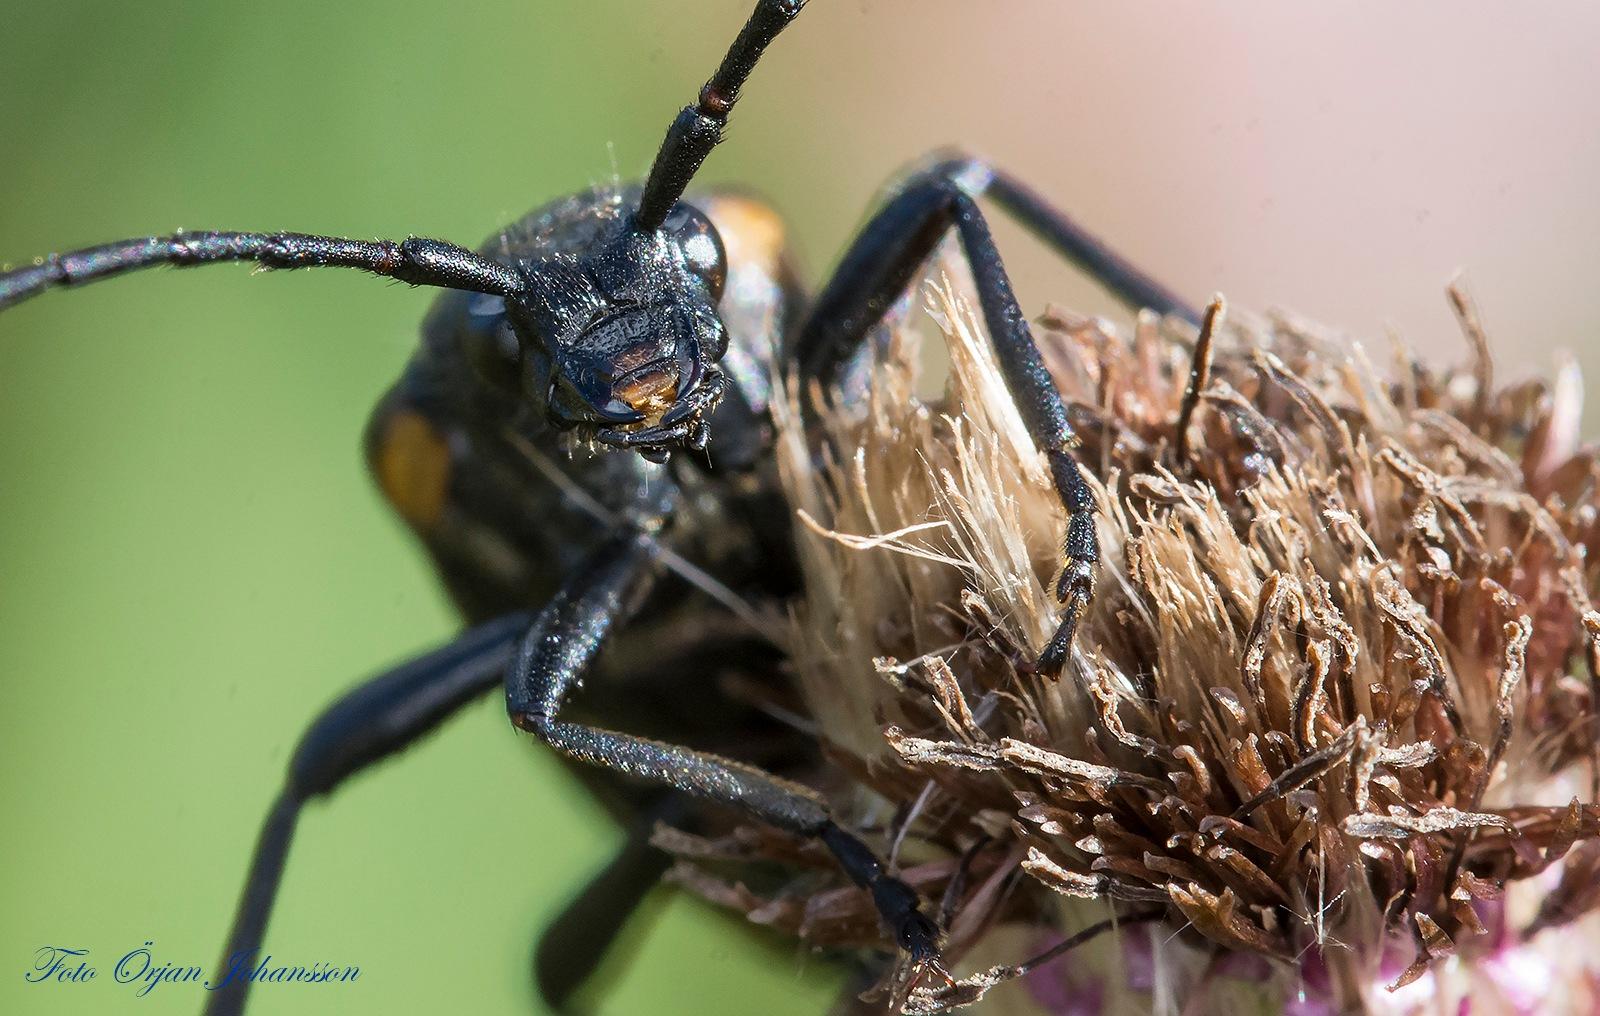 Bug by Örjan Johansson